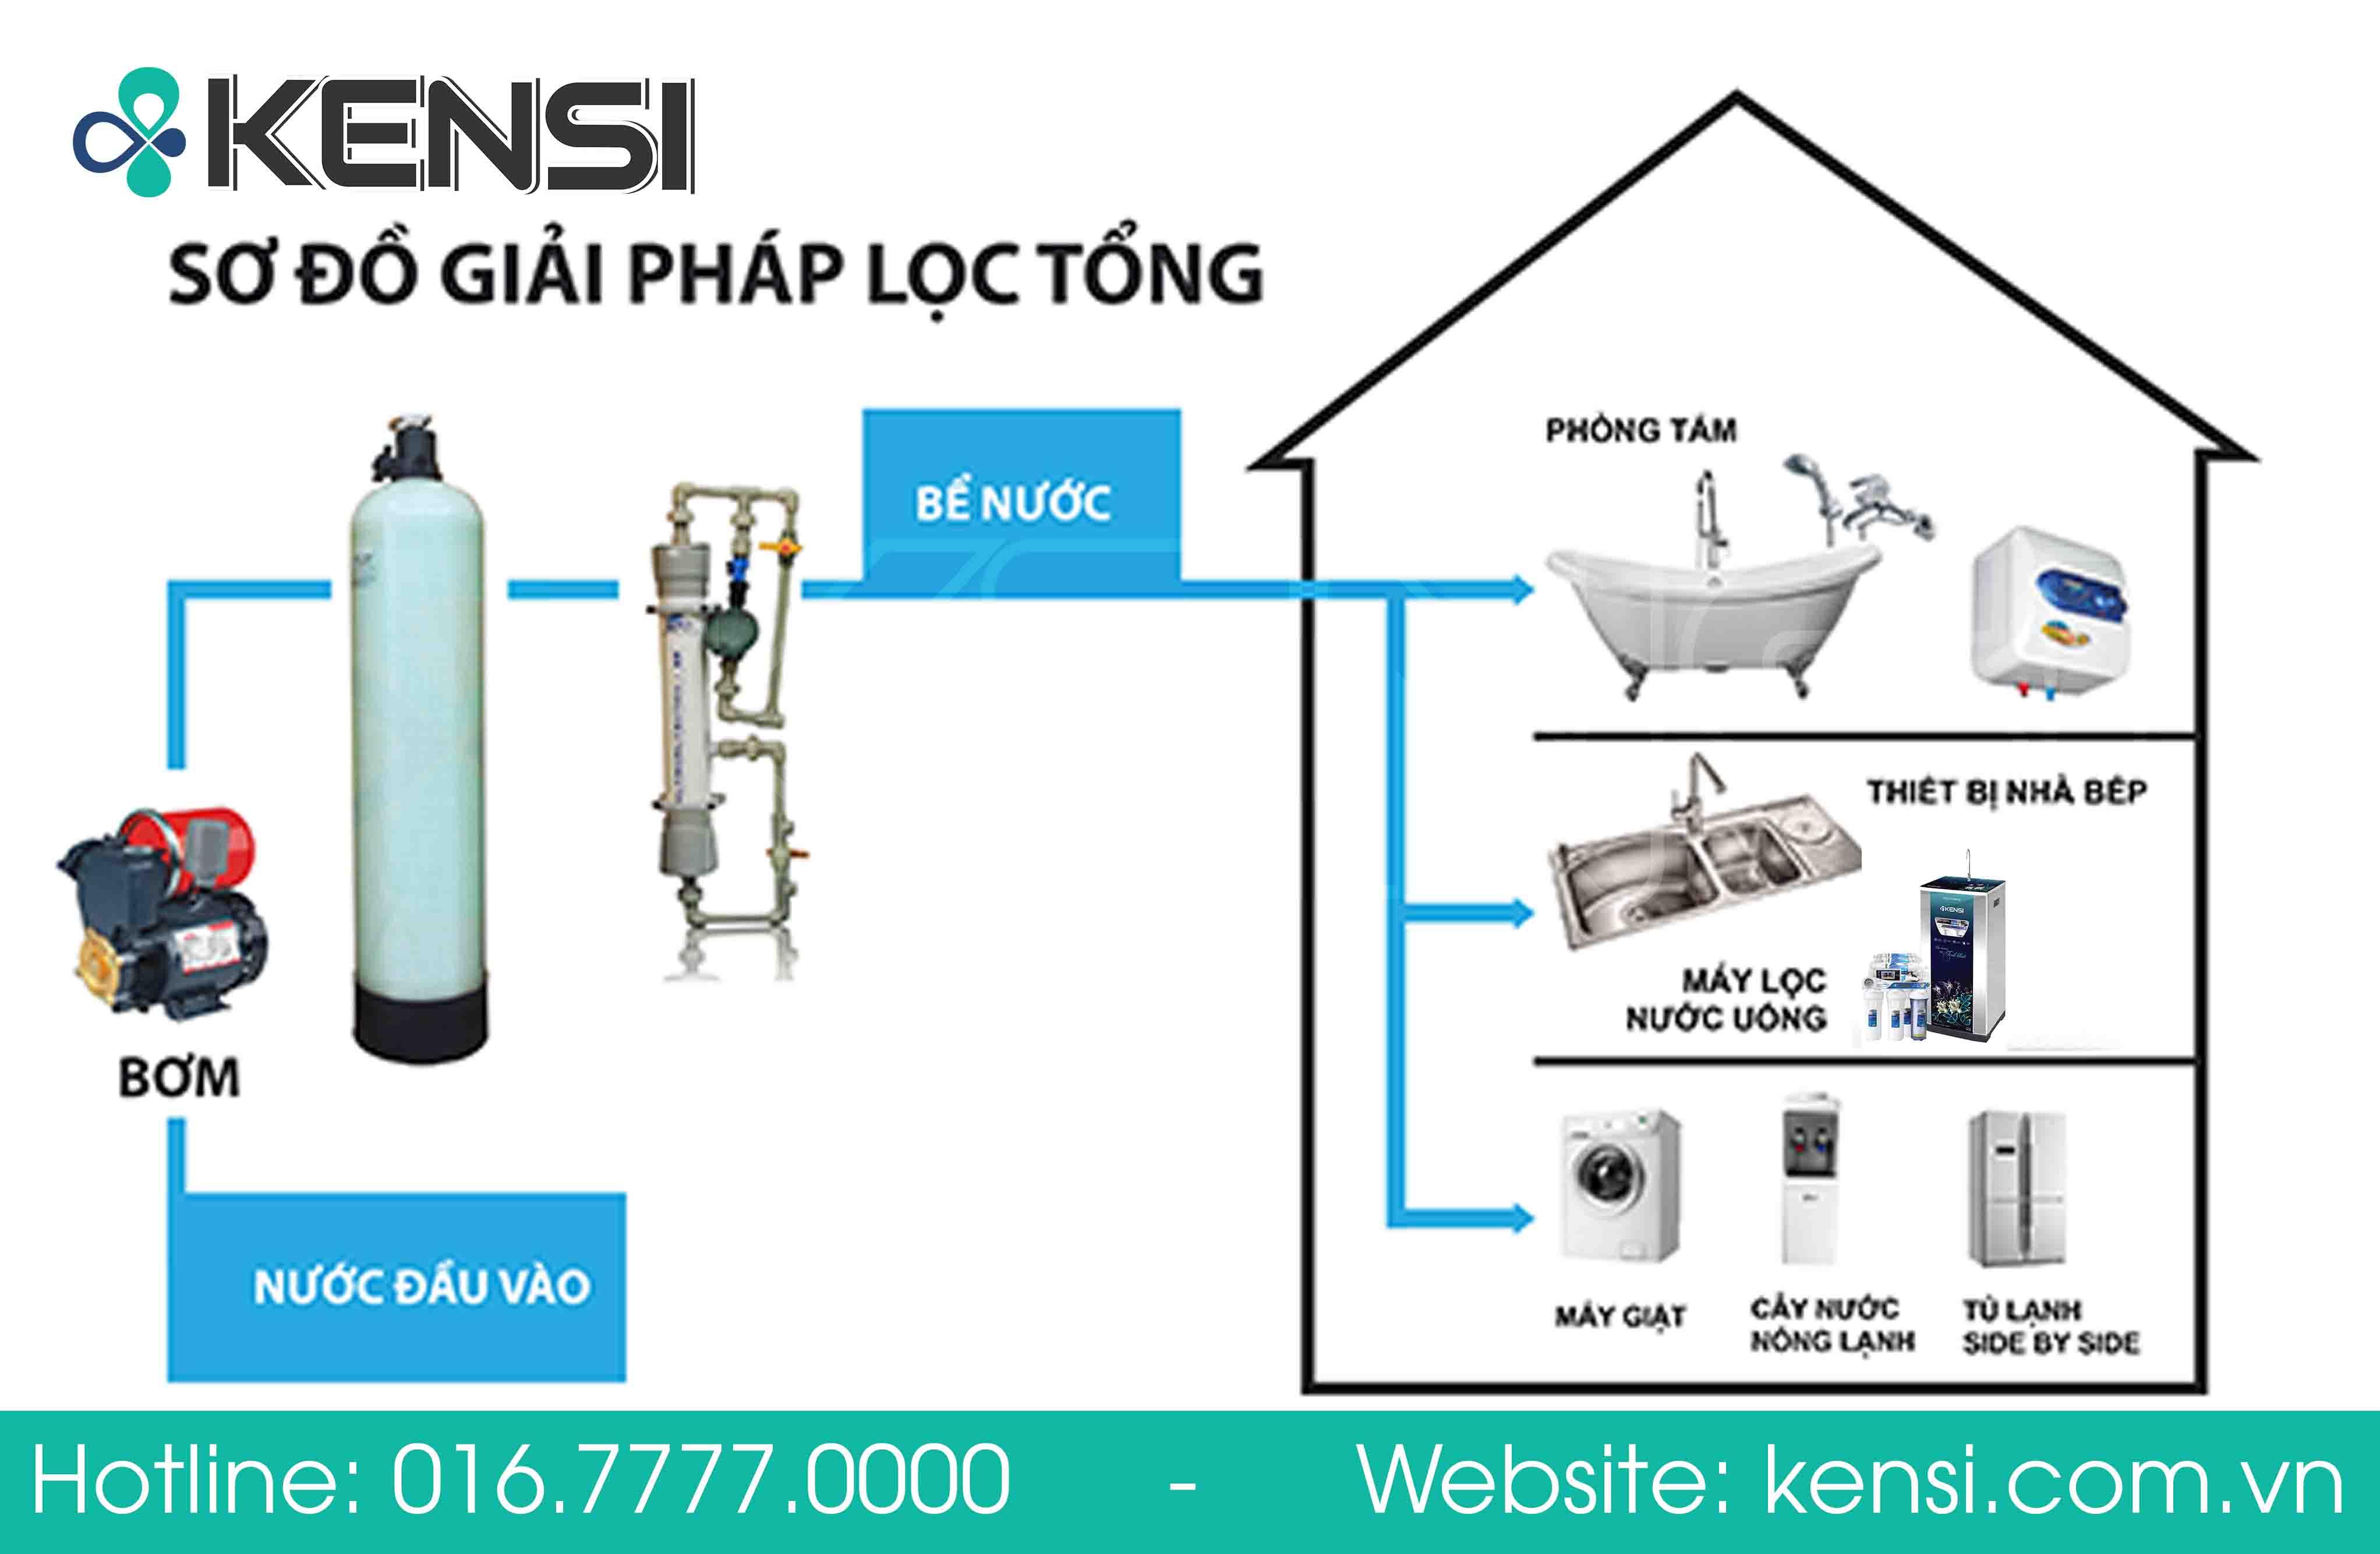 Ở địa điểm Hà Nội nên lắp dây chuyền lọc nước công nghiệp của thương hiệu nào giá rẻ?